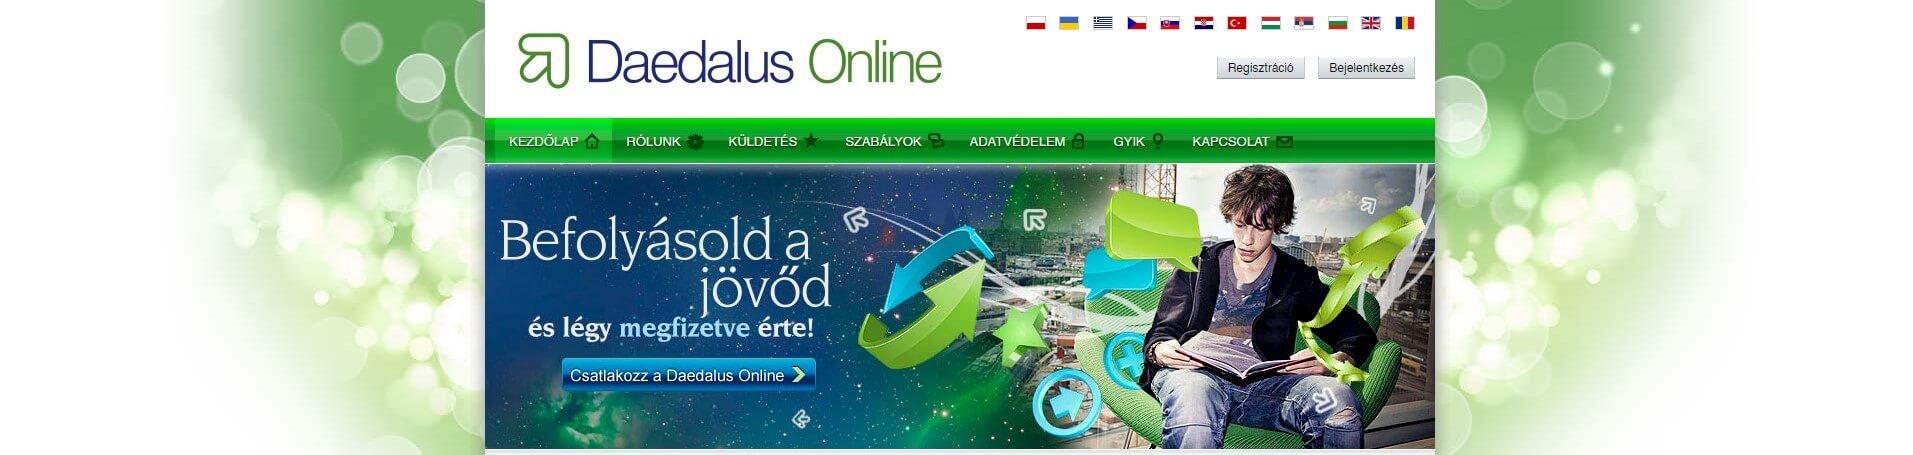 regisztráció nélkül hogyan lehet pénzt keresni az interneten)